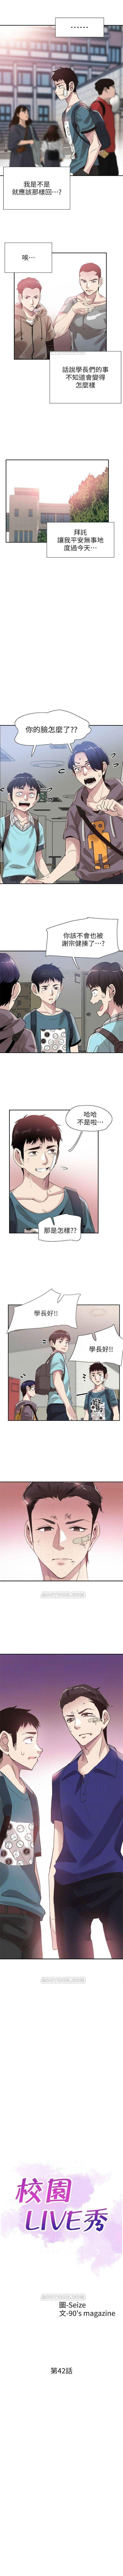 (週7)校園live秀 1-50 中文翻譯(更新中) 288